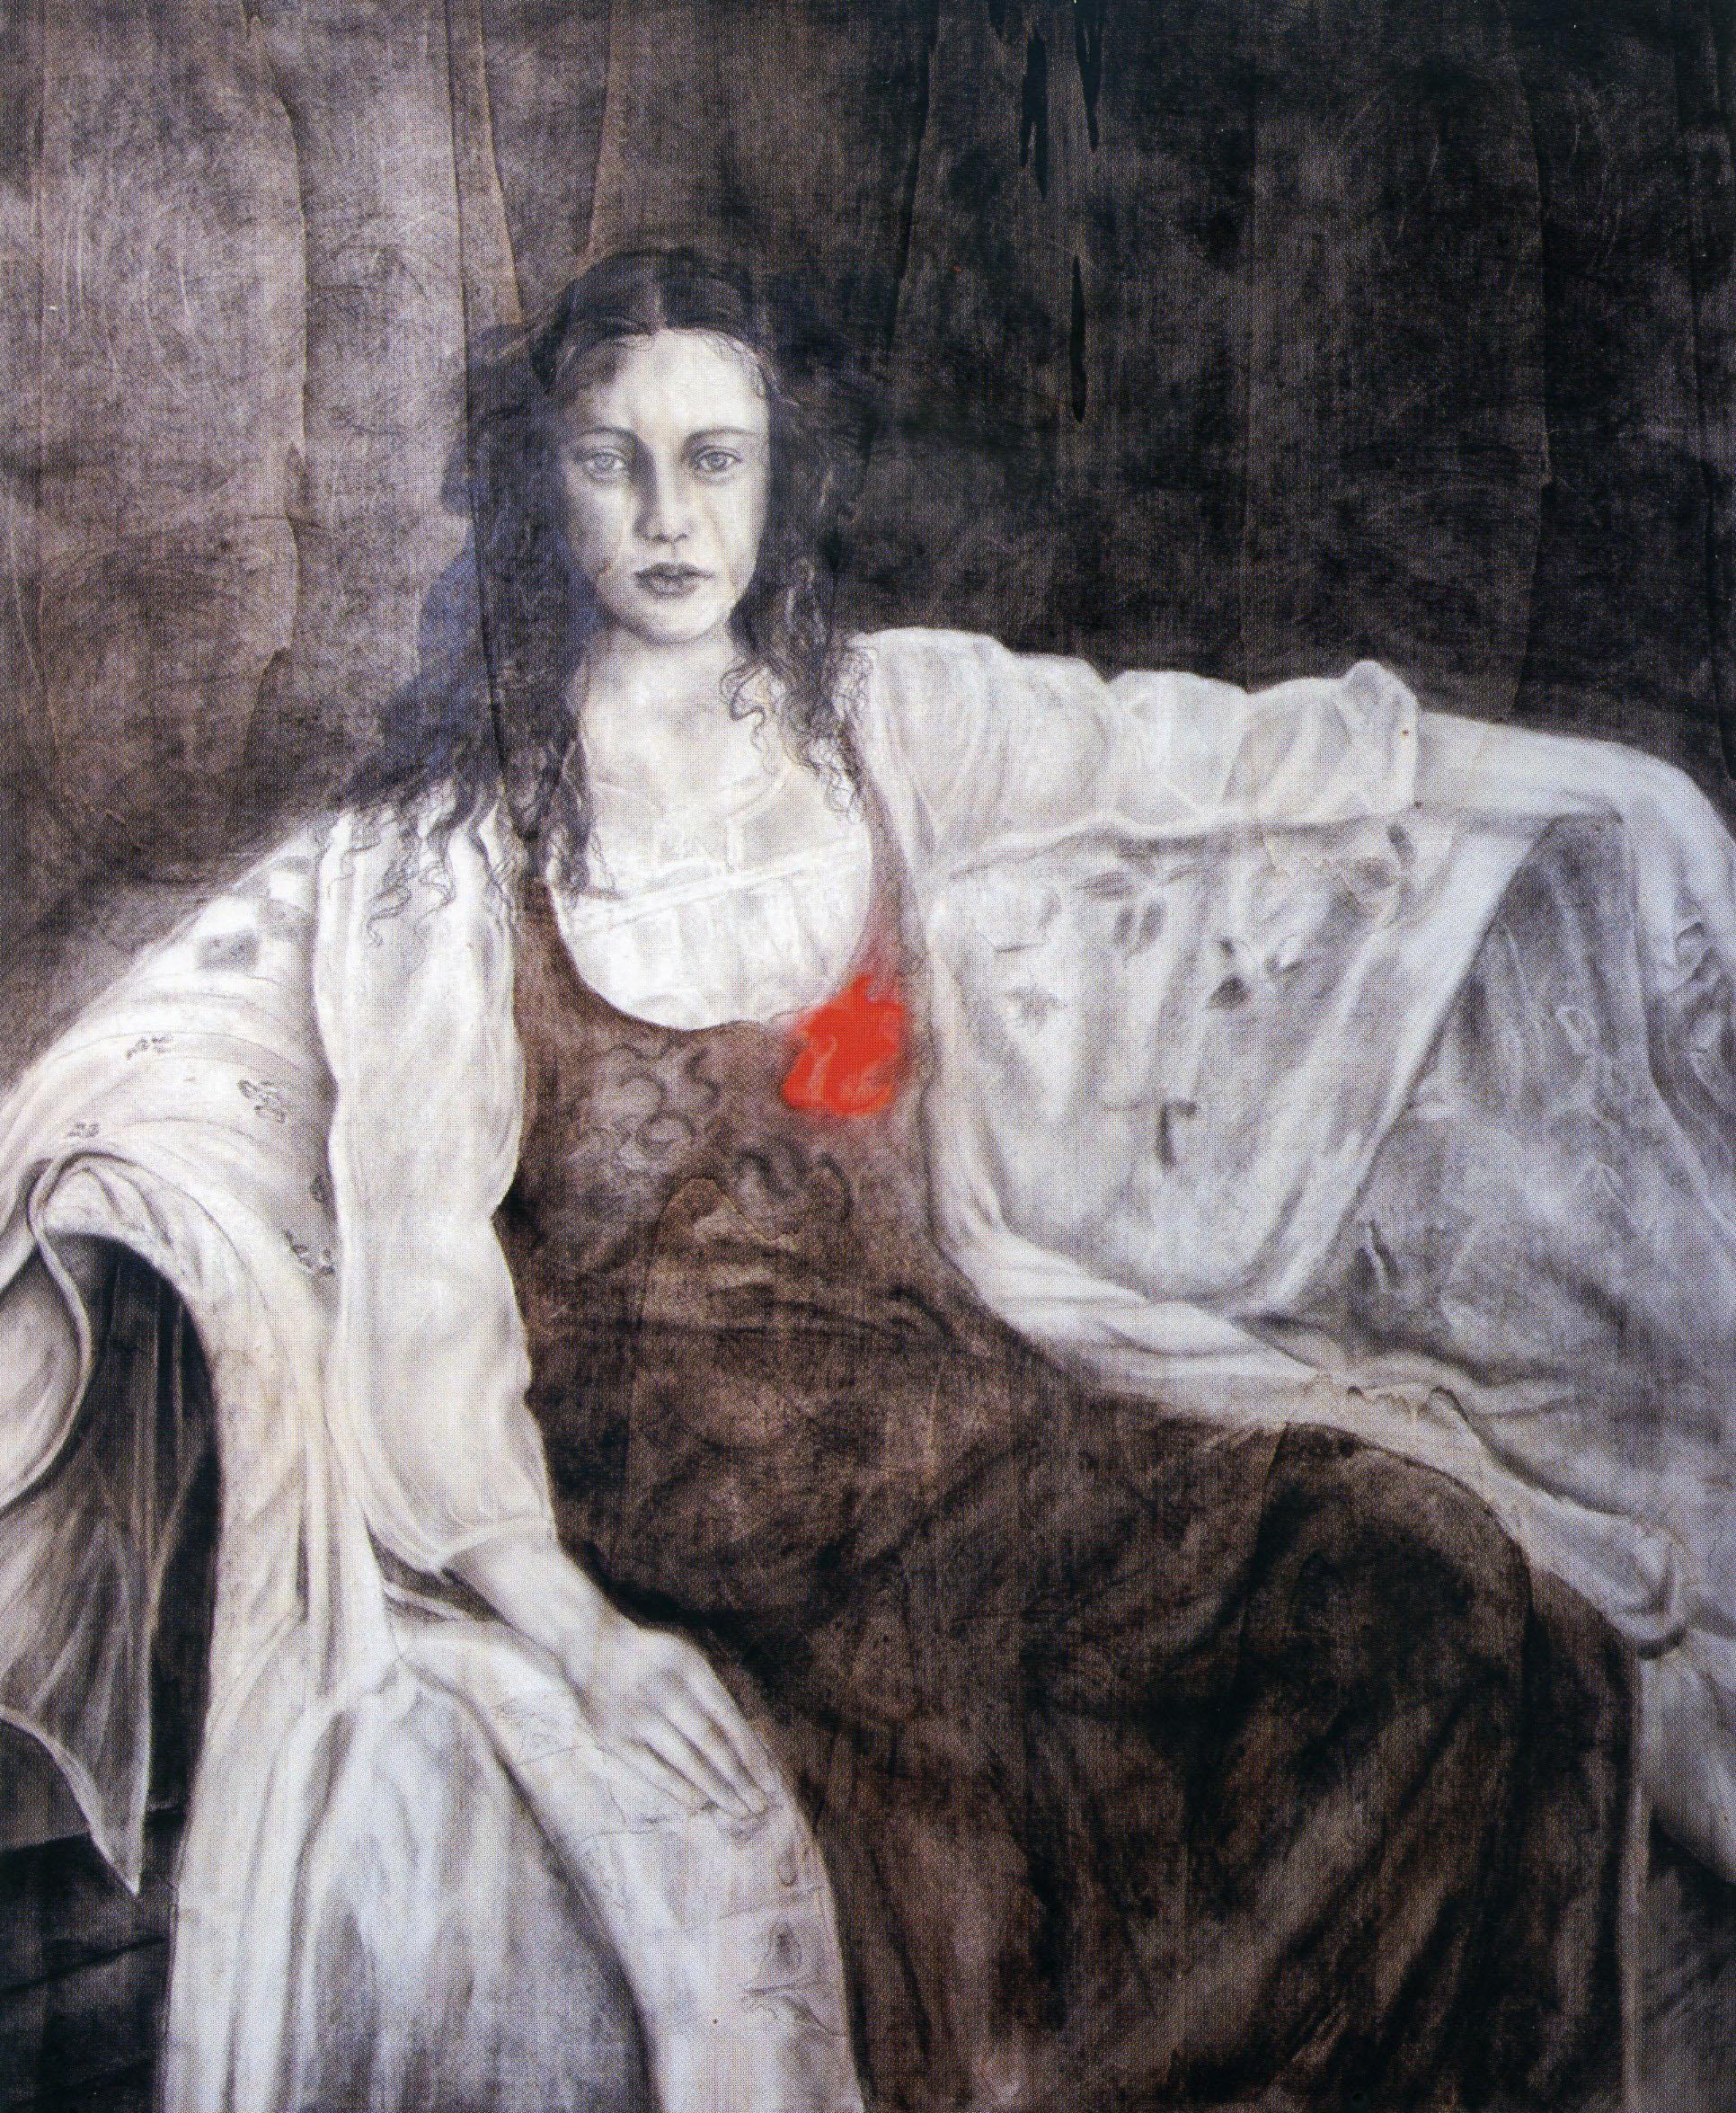 Lucia Stefanetti - Artemisia la passione